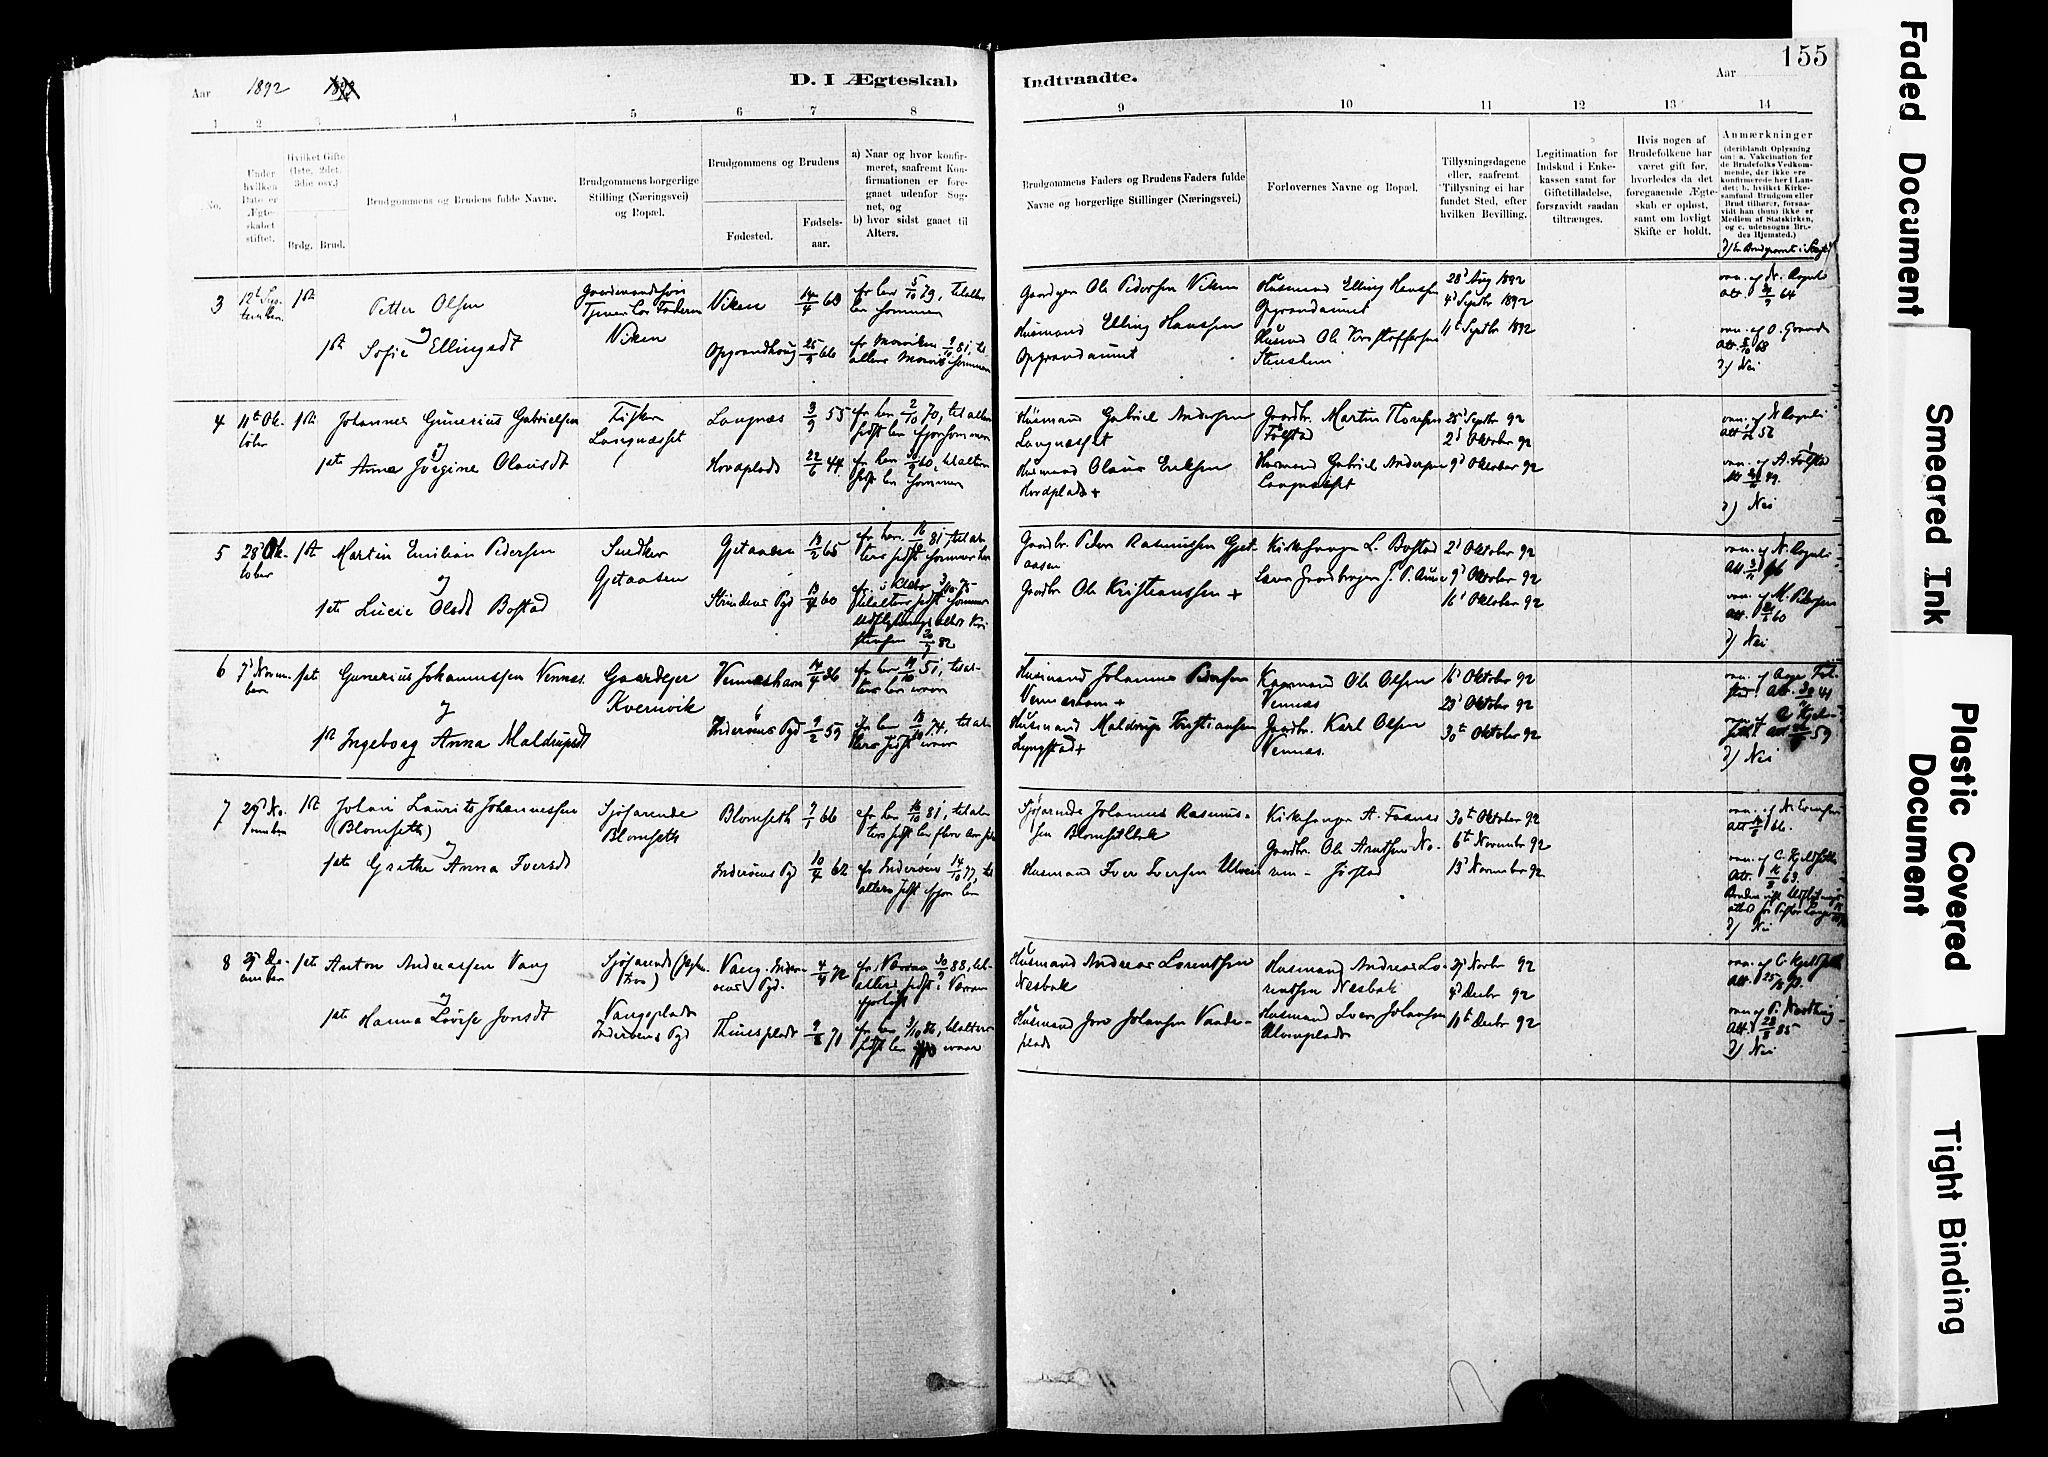 SAT, Ministerialprotokoller, klokkerbøker og fødselsregistre - Nord-Trøndelag, 744/L0420: Ministerialbok nr. 744A04, 1882-1904, s. 155